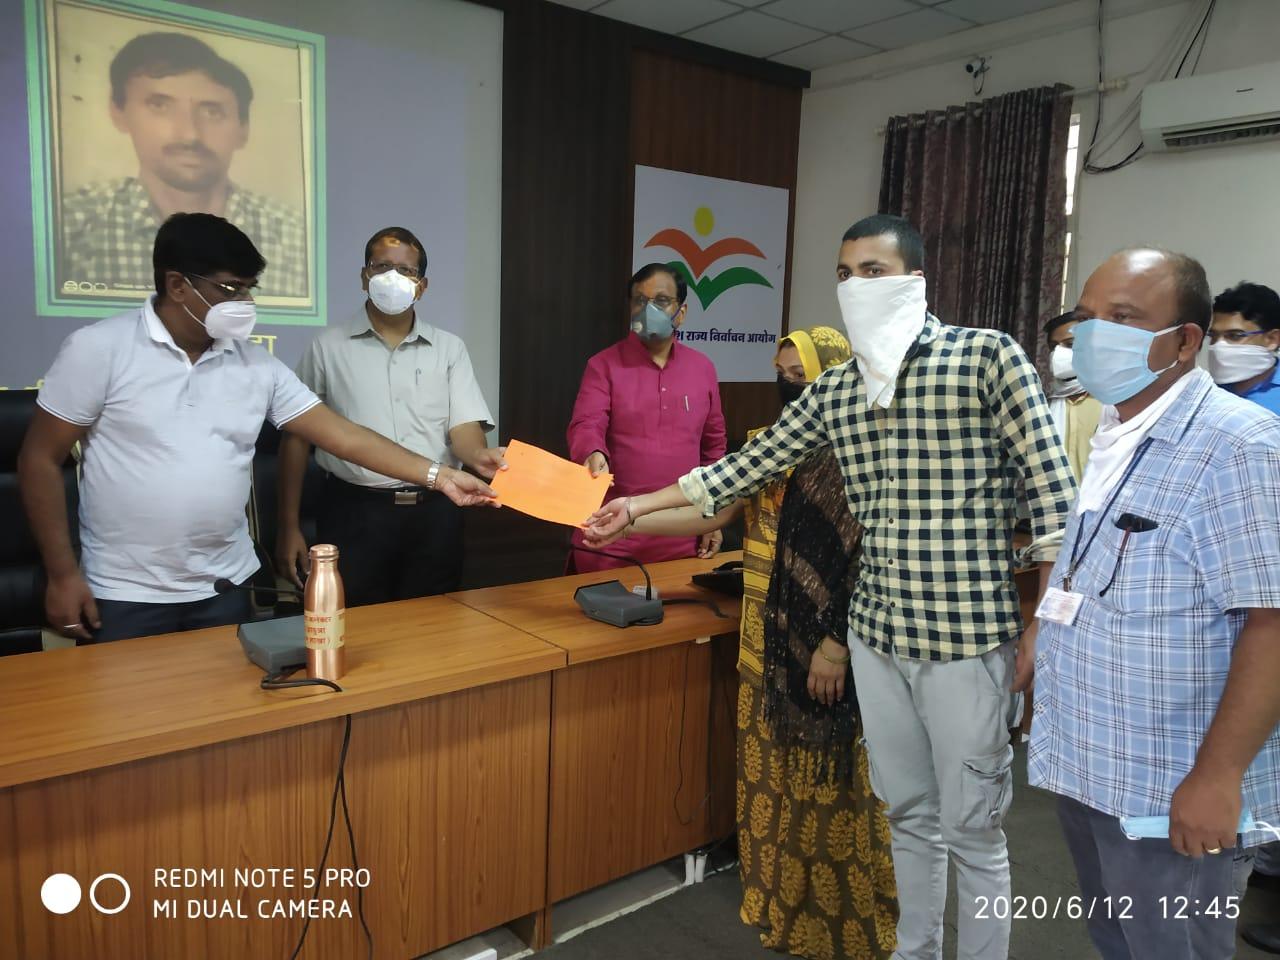 Jhabua News- जमीन का सीमांकन, बटवारा तथा नामांतरण का कार्य युद्ध स्तर पर करे- कलेक्टर सिपाहा